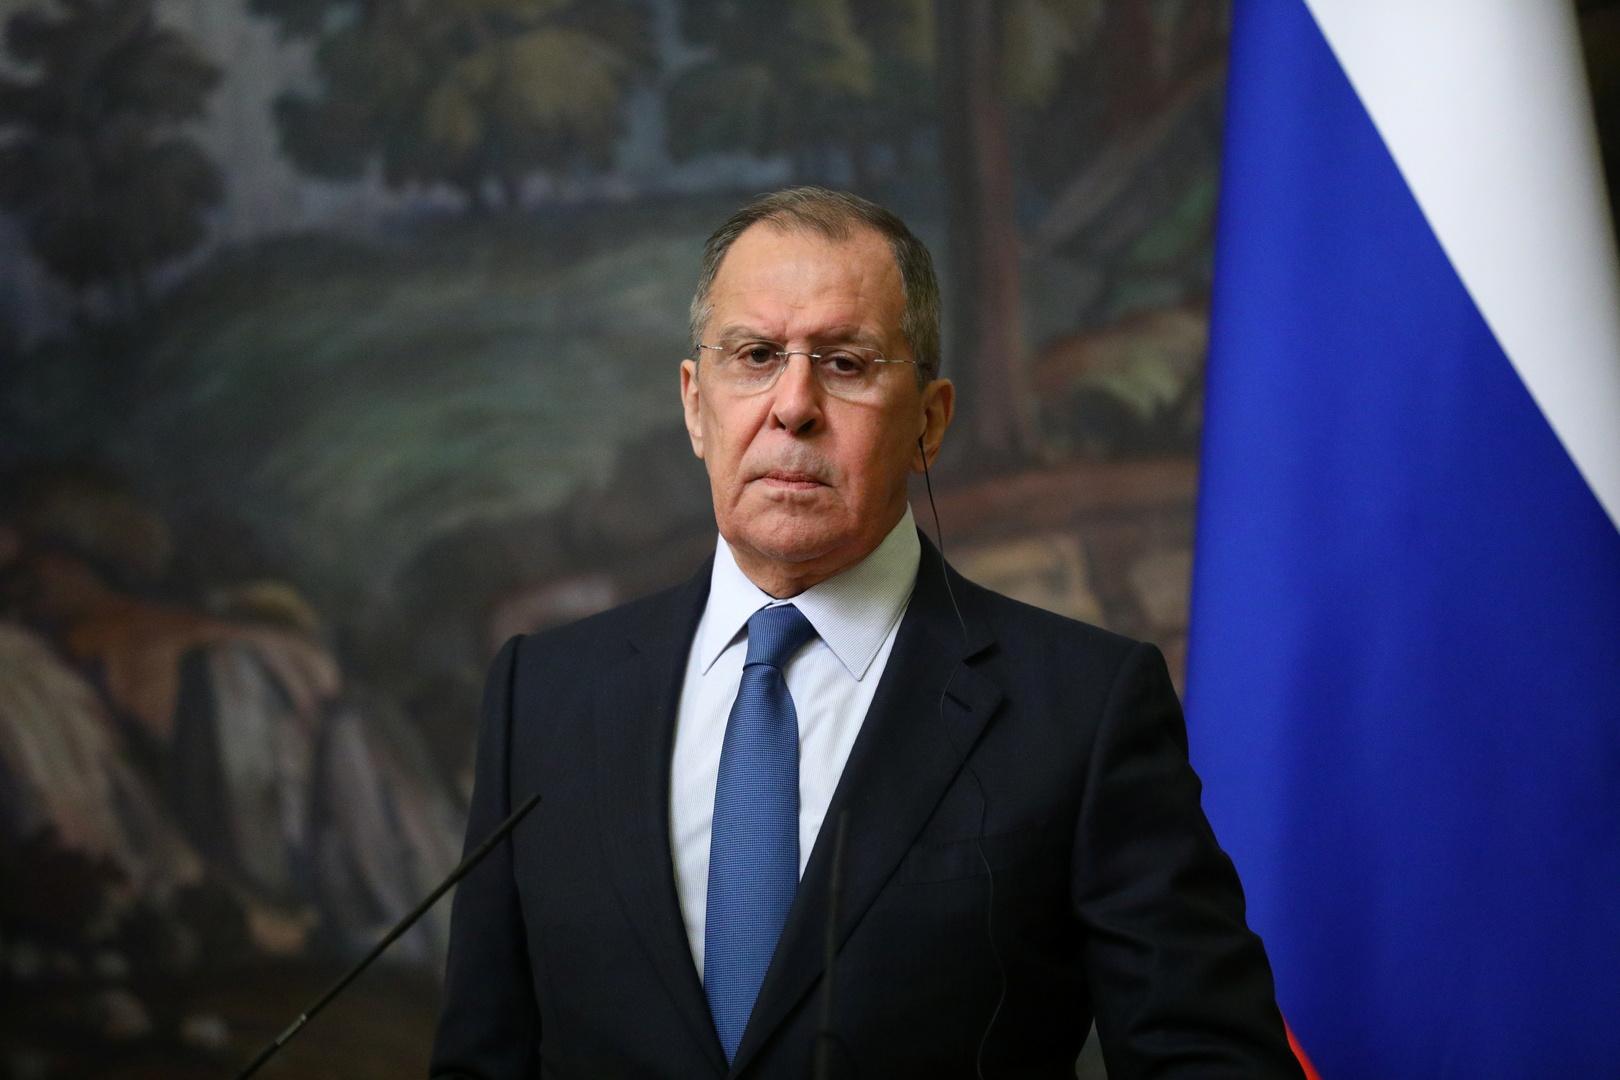 أرقام قياسية لنشاط الدبلوماسية الروسية في الشرق الأوسط